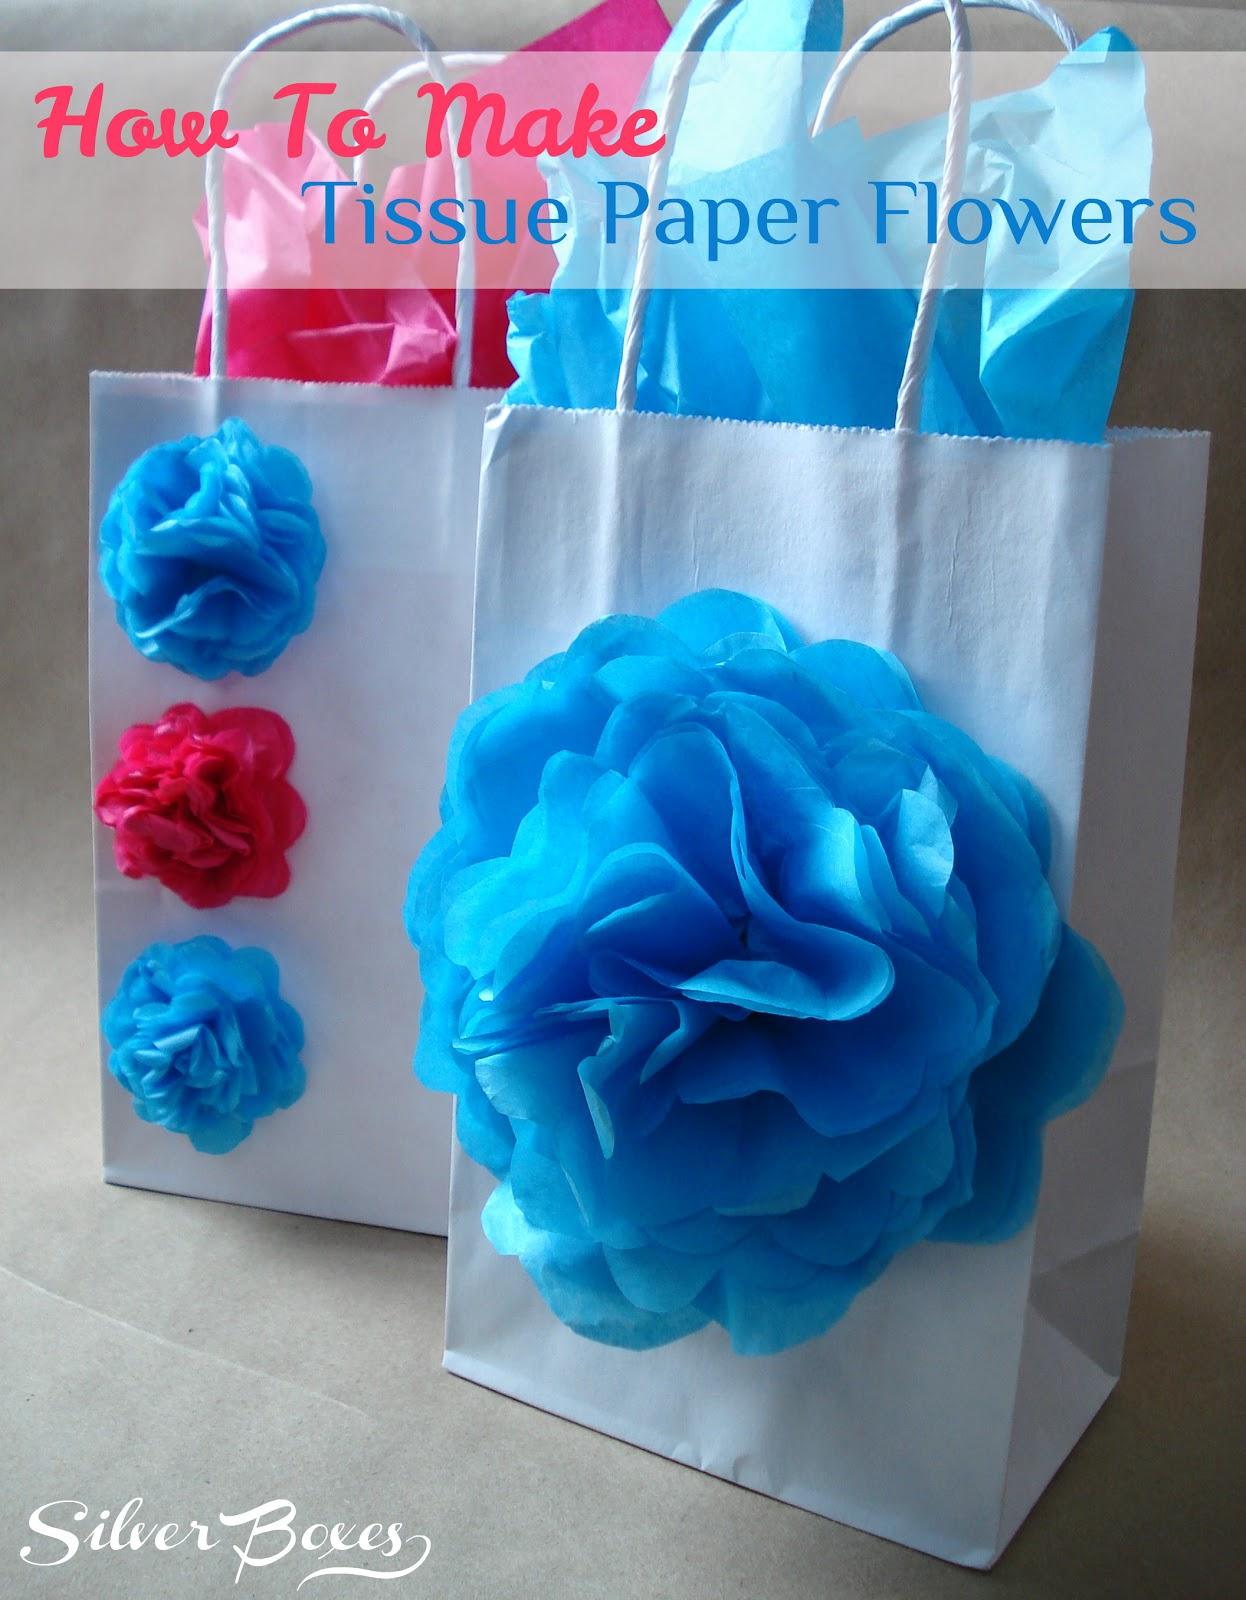 http://1.bp.blogspot.com/-P3UYPdUcK68/UJNLaynElUI/AAAAAAAADH0/B8uuHVnf_H4/s1600/Tissue%20Paper%20Flowers.jpg